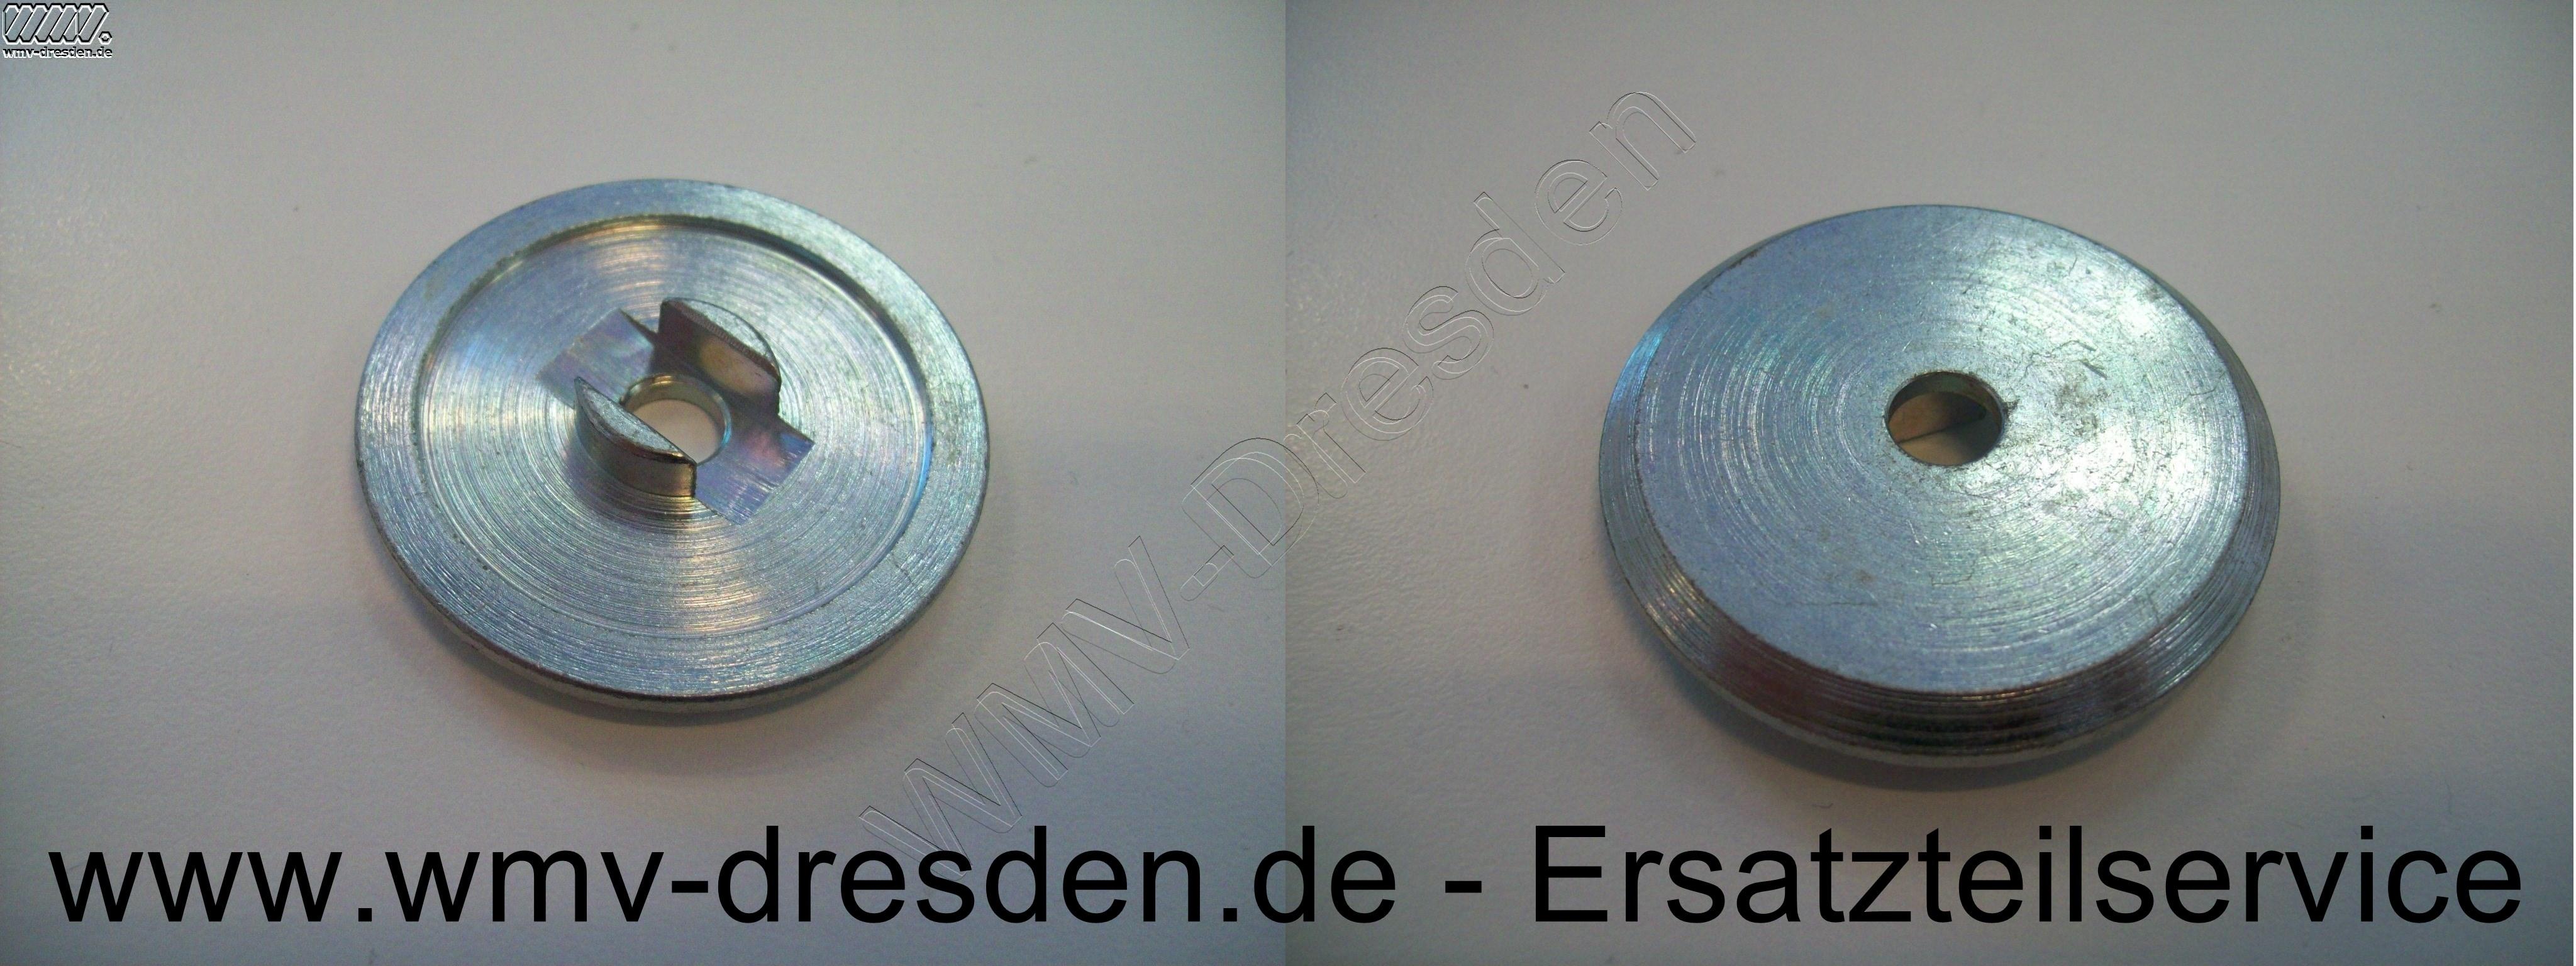 DRUCKFLANSCH  RD 50X9, Außendurchmesser 50 mm, Bohrung 8,1 mm, Ausfräsung 10 mm breit